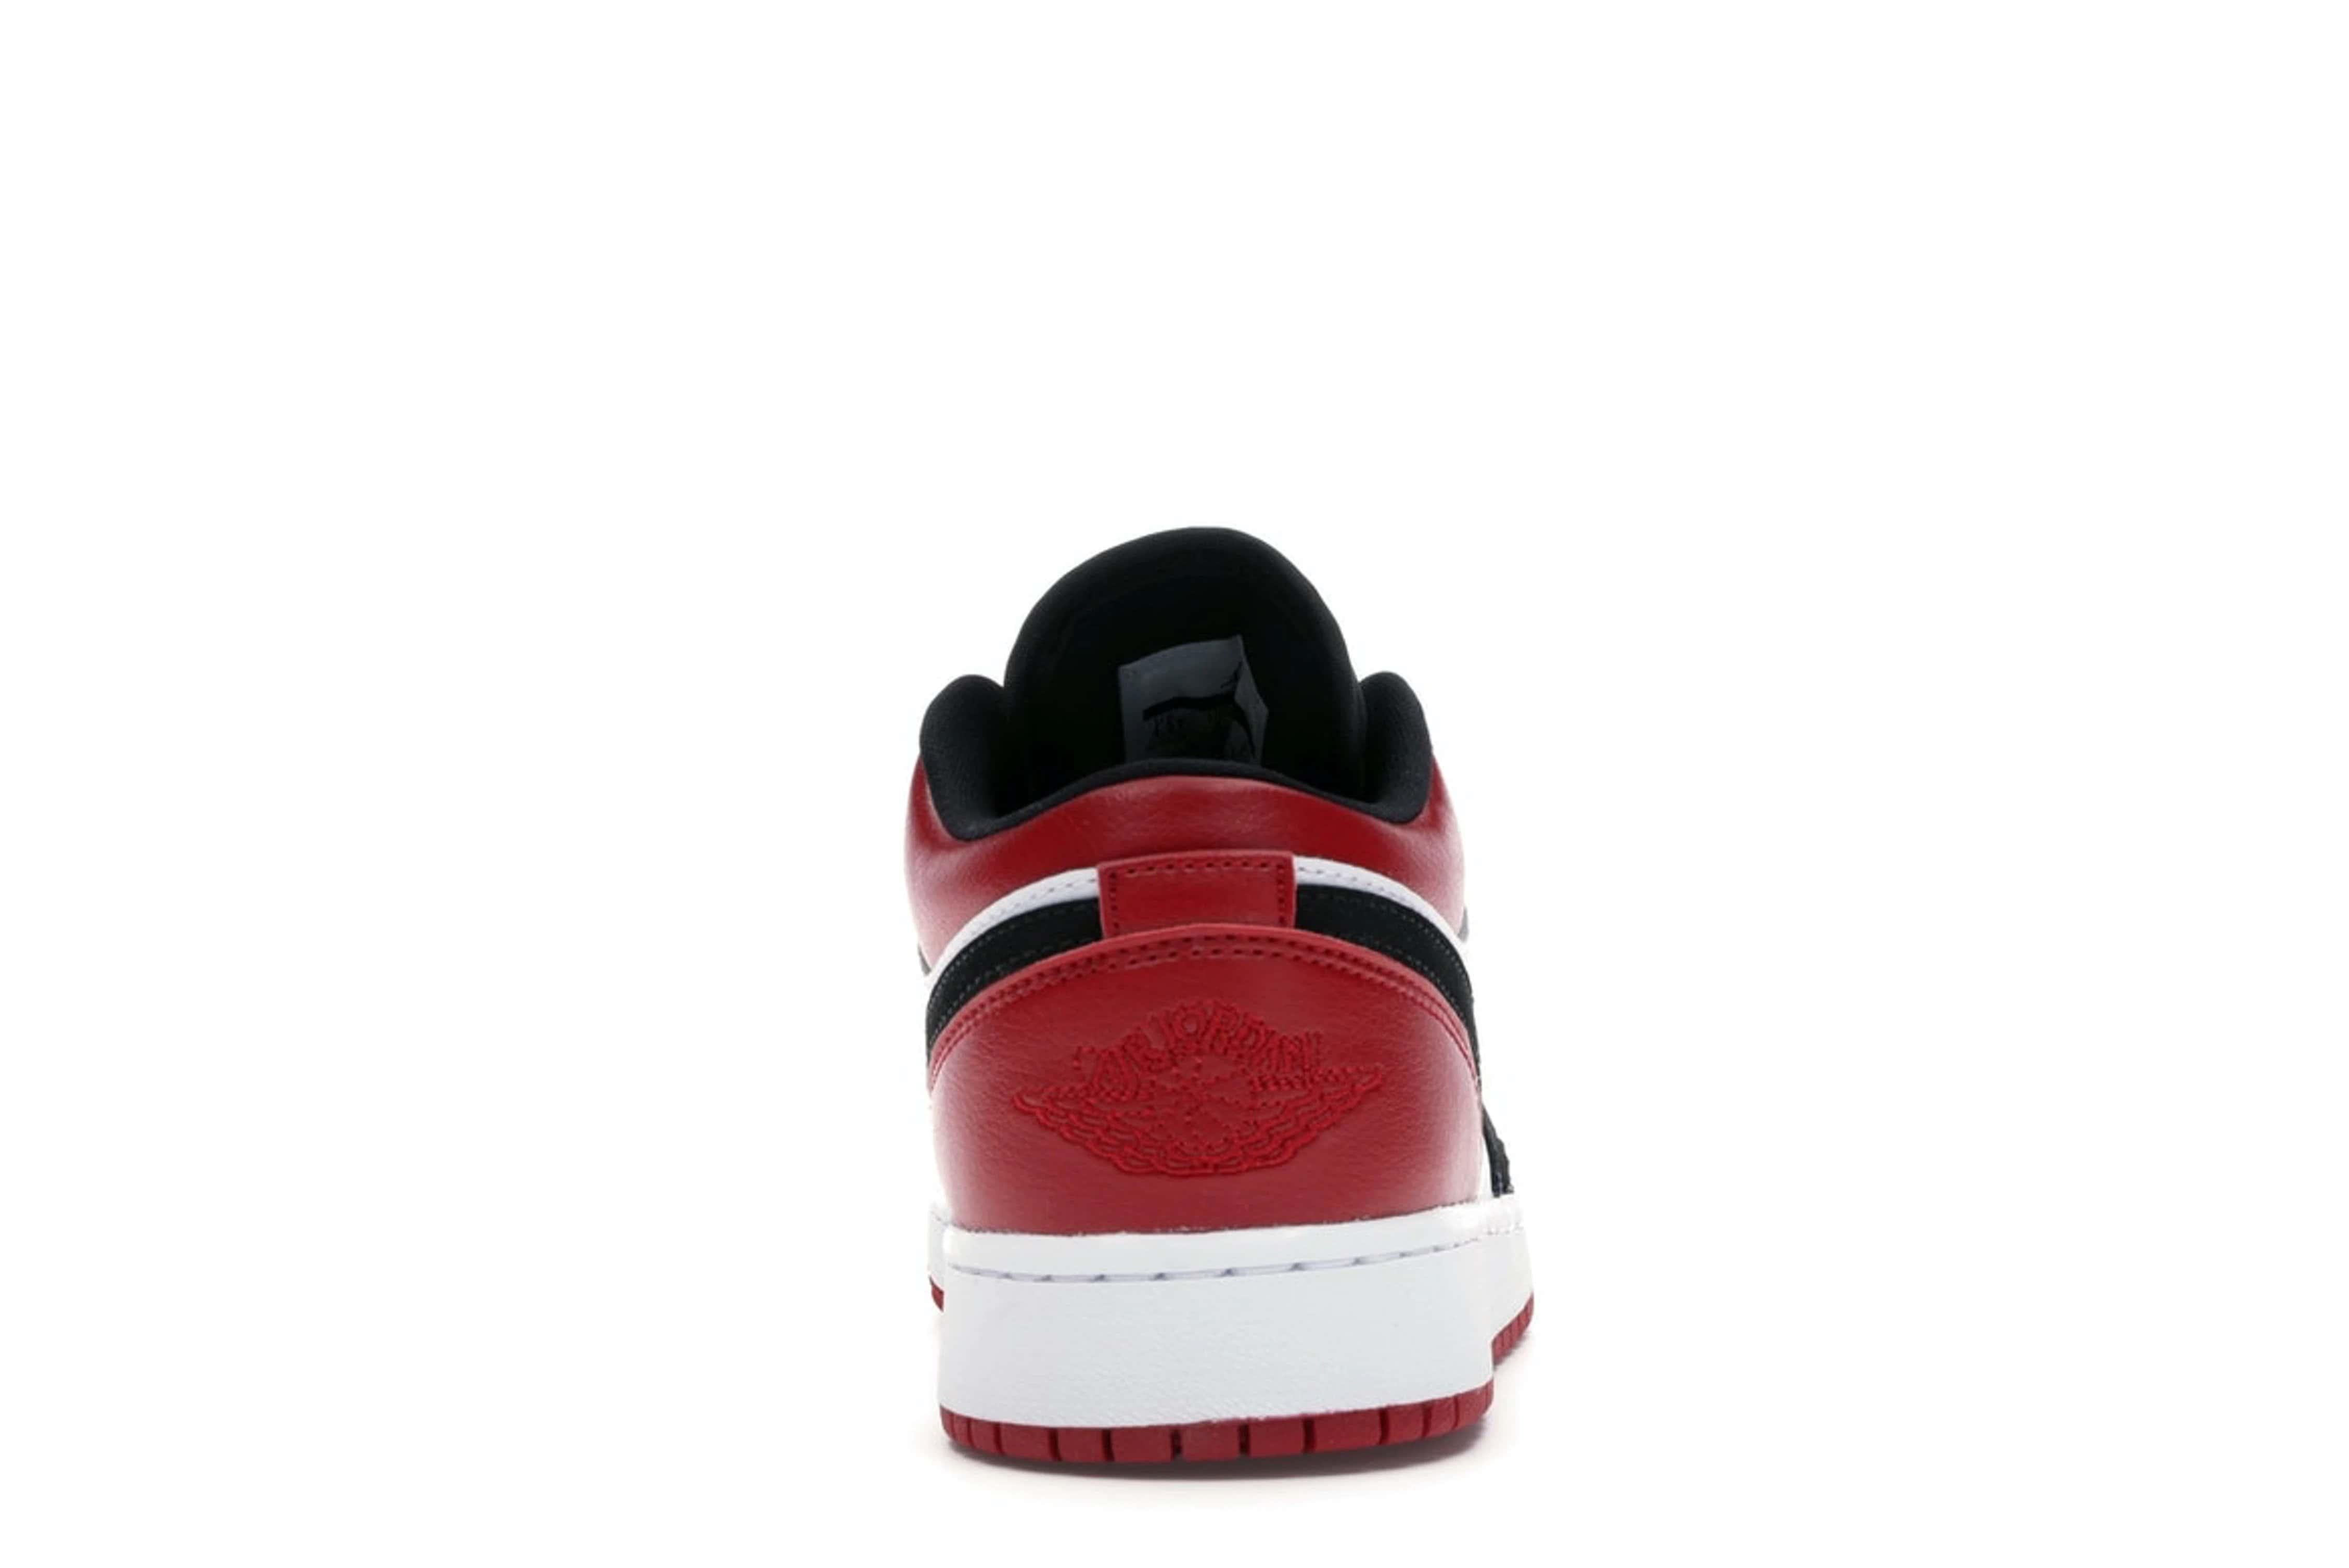 slide 4 - Jordan 1 Low Black Toe (GS)